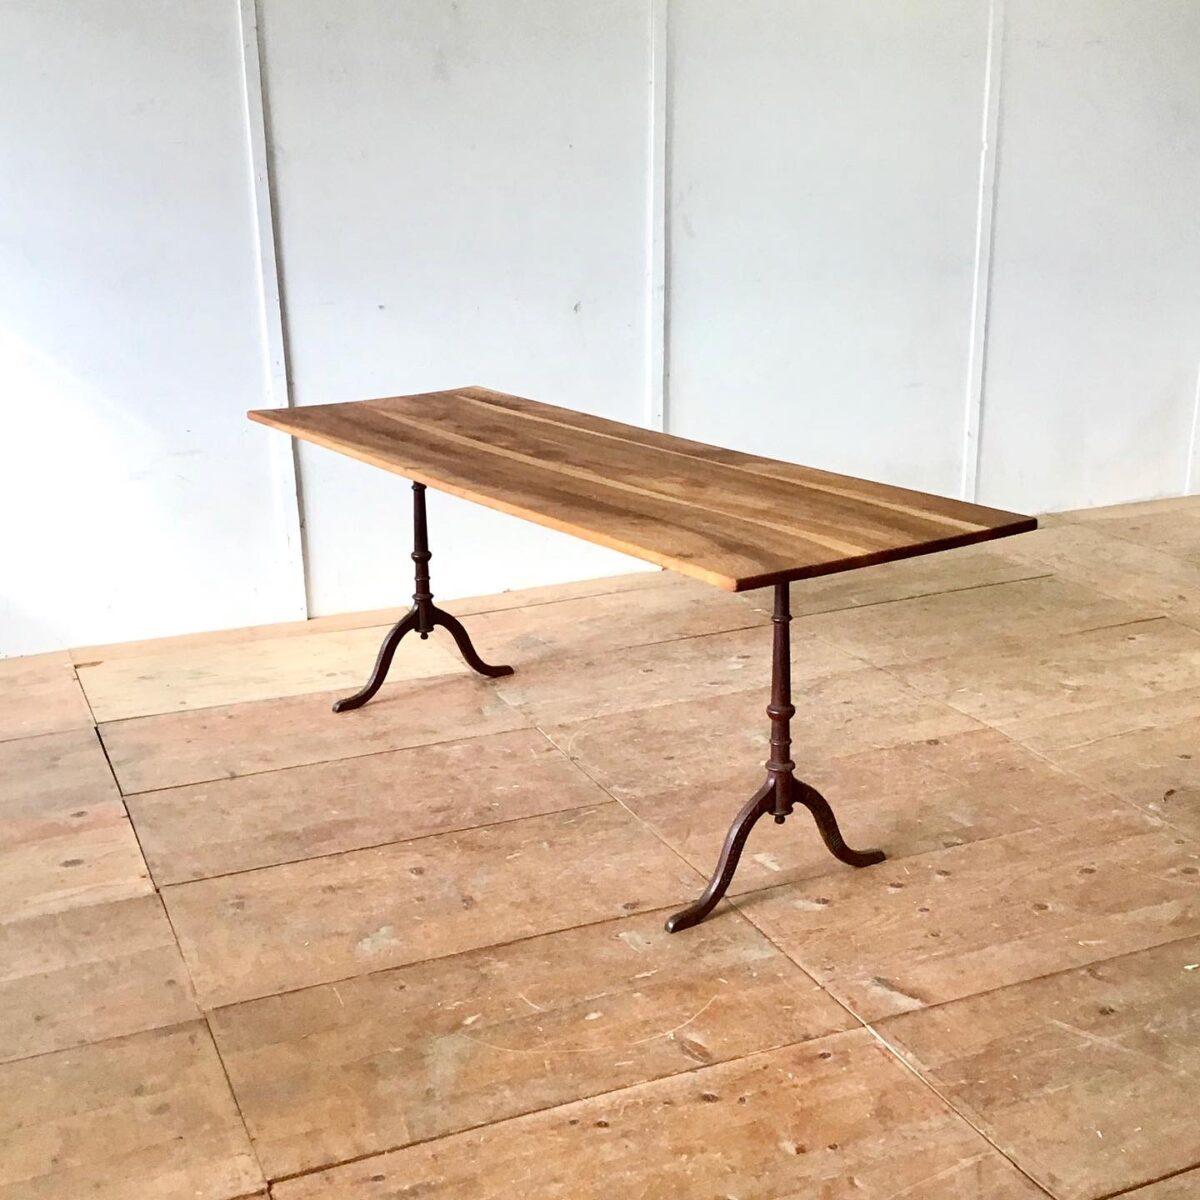 Alter Wirtshaustisch aus Nussbaumholz mit horgenglarus Gussfüssen 200 x 69 Höhe 75cm.